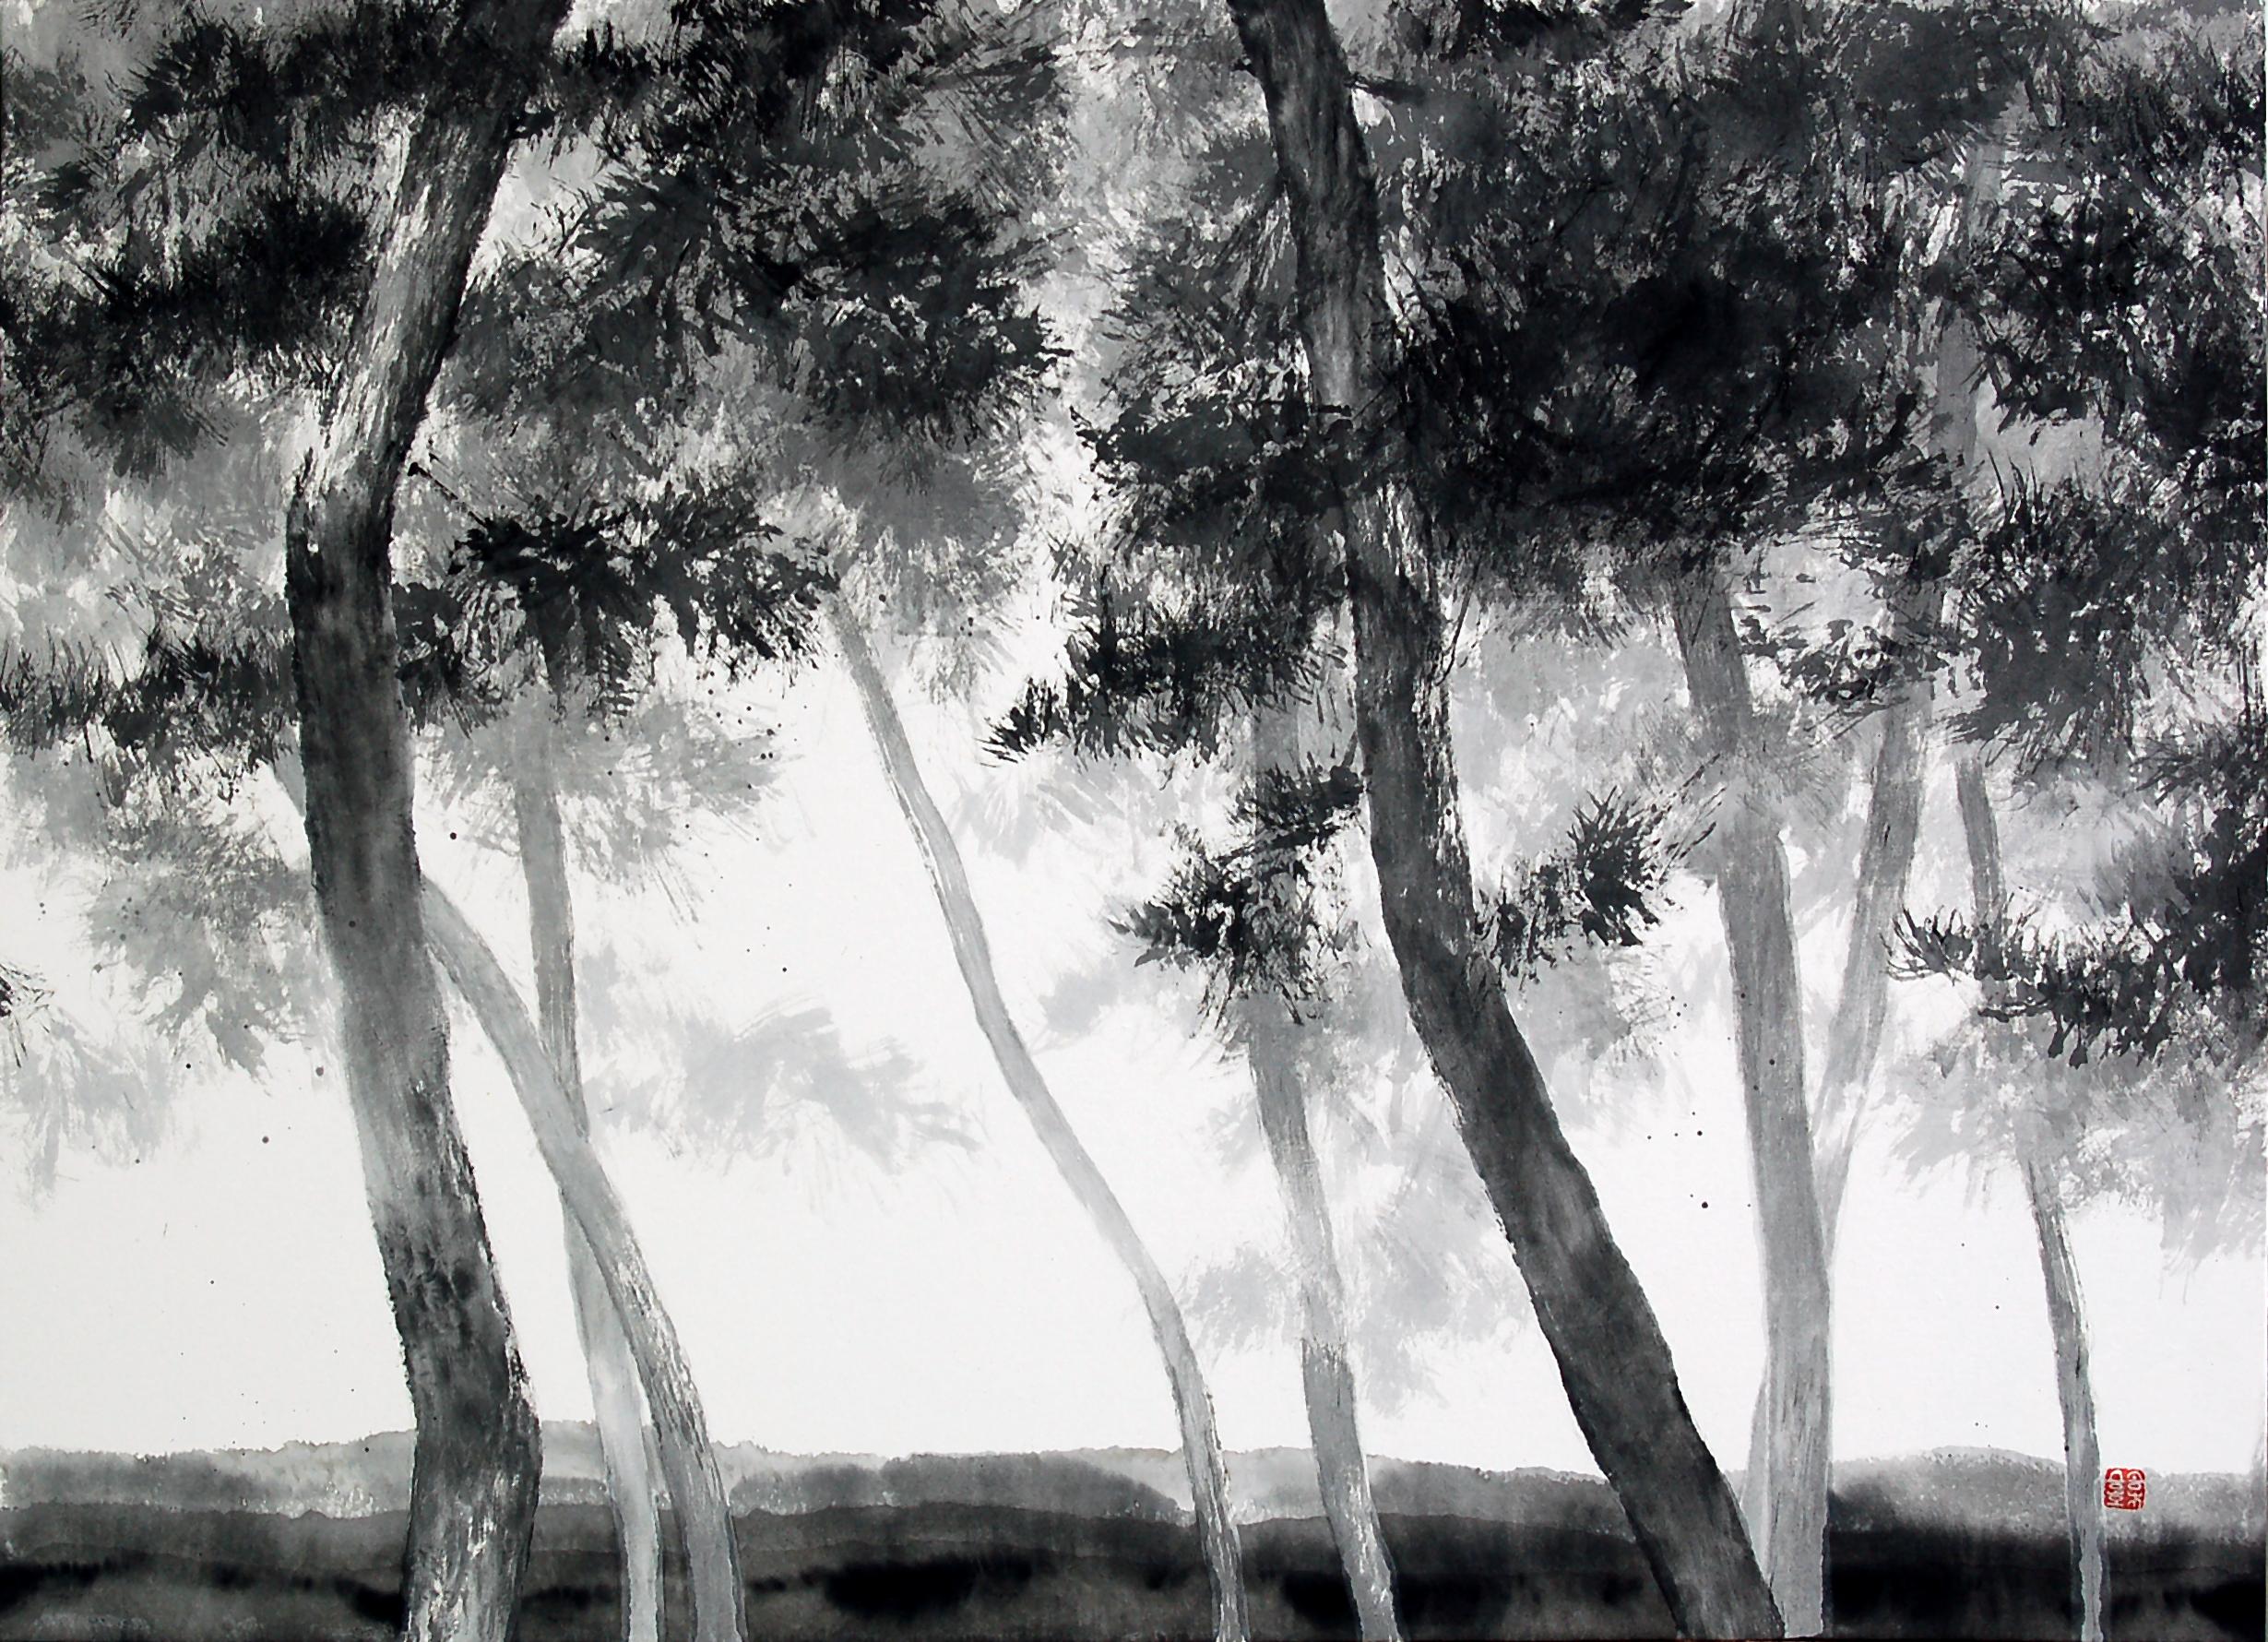 송승호, 송뢰, 73x53cm, 화선지에 수묵, 2014 (2)